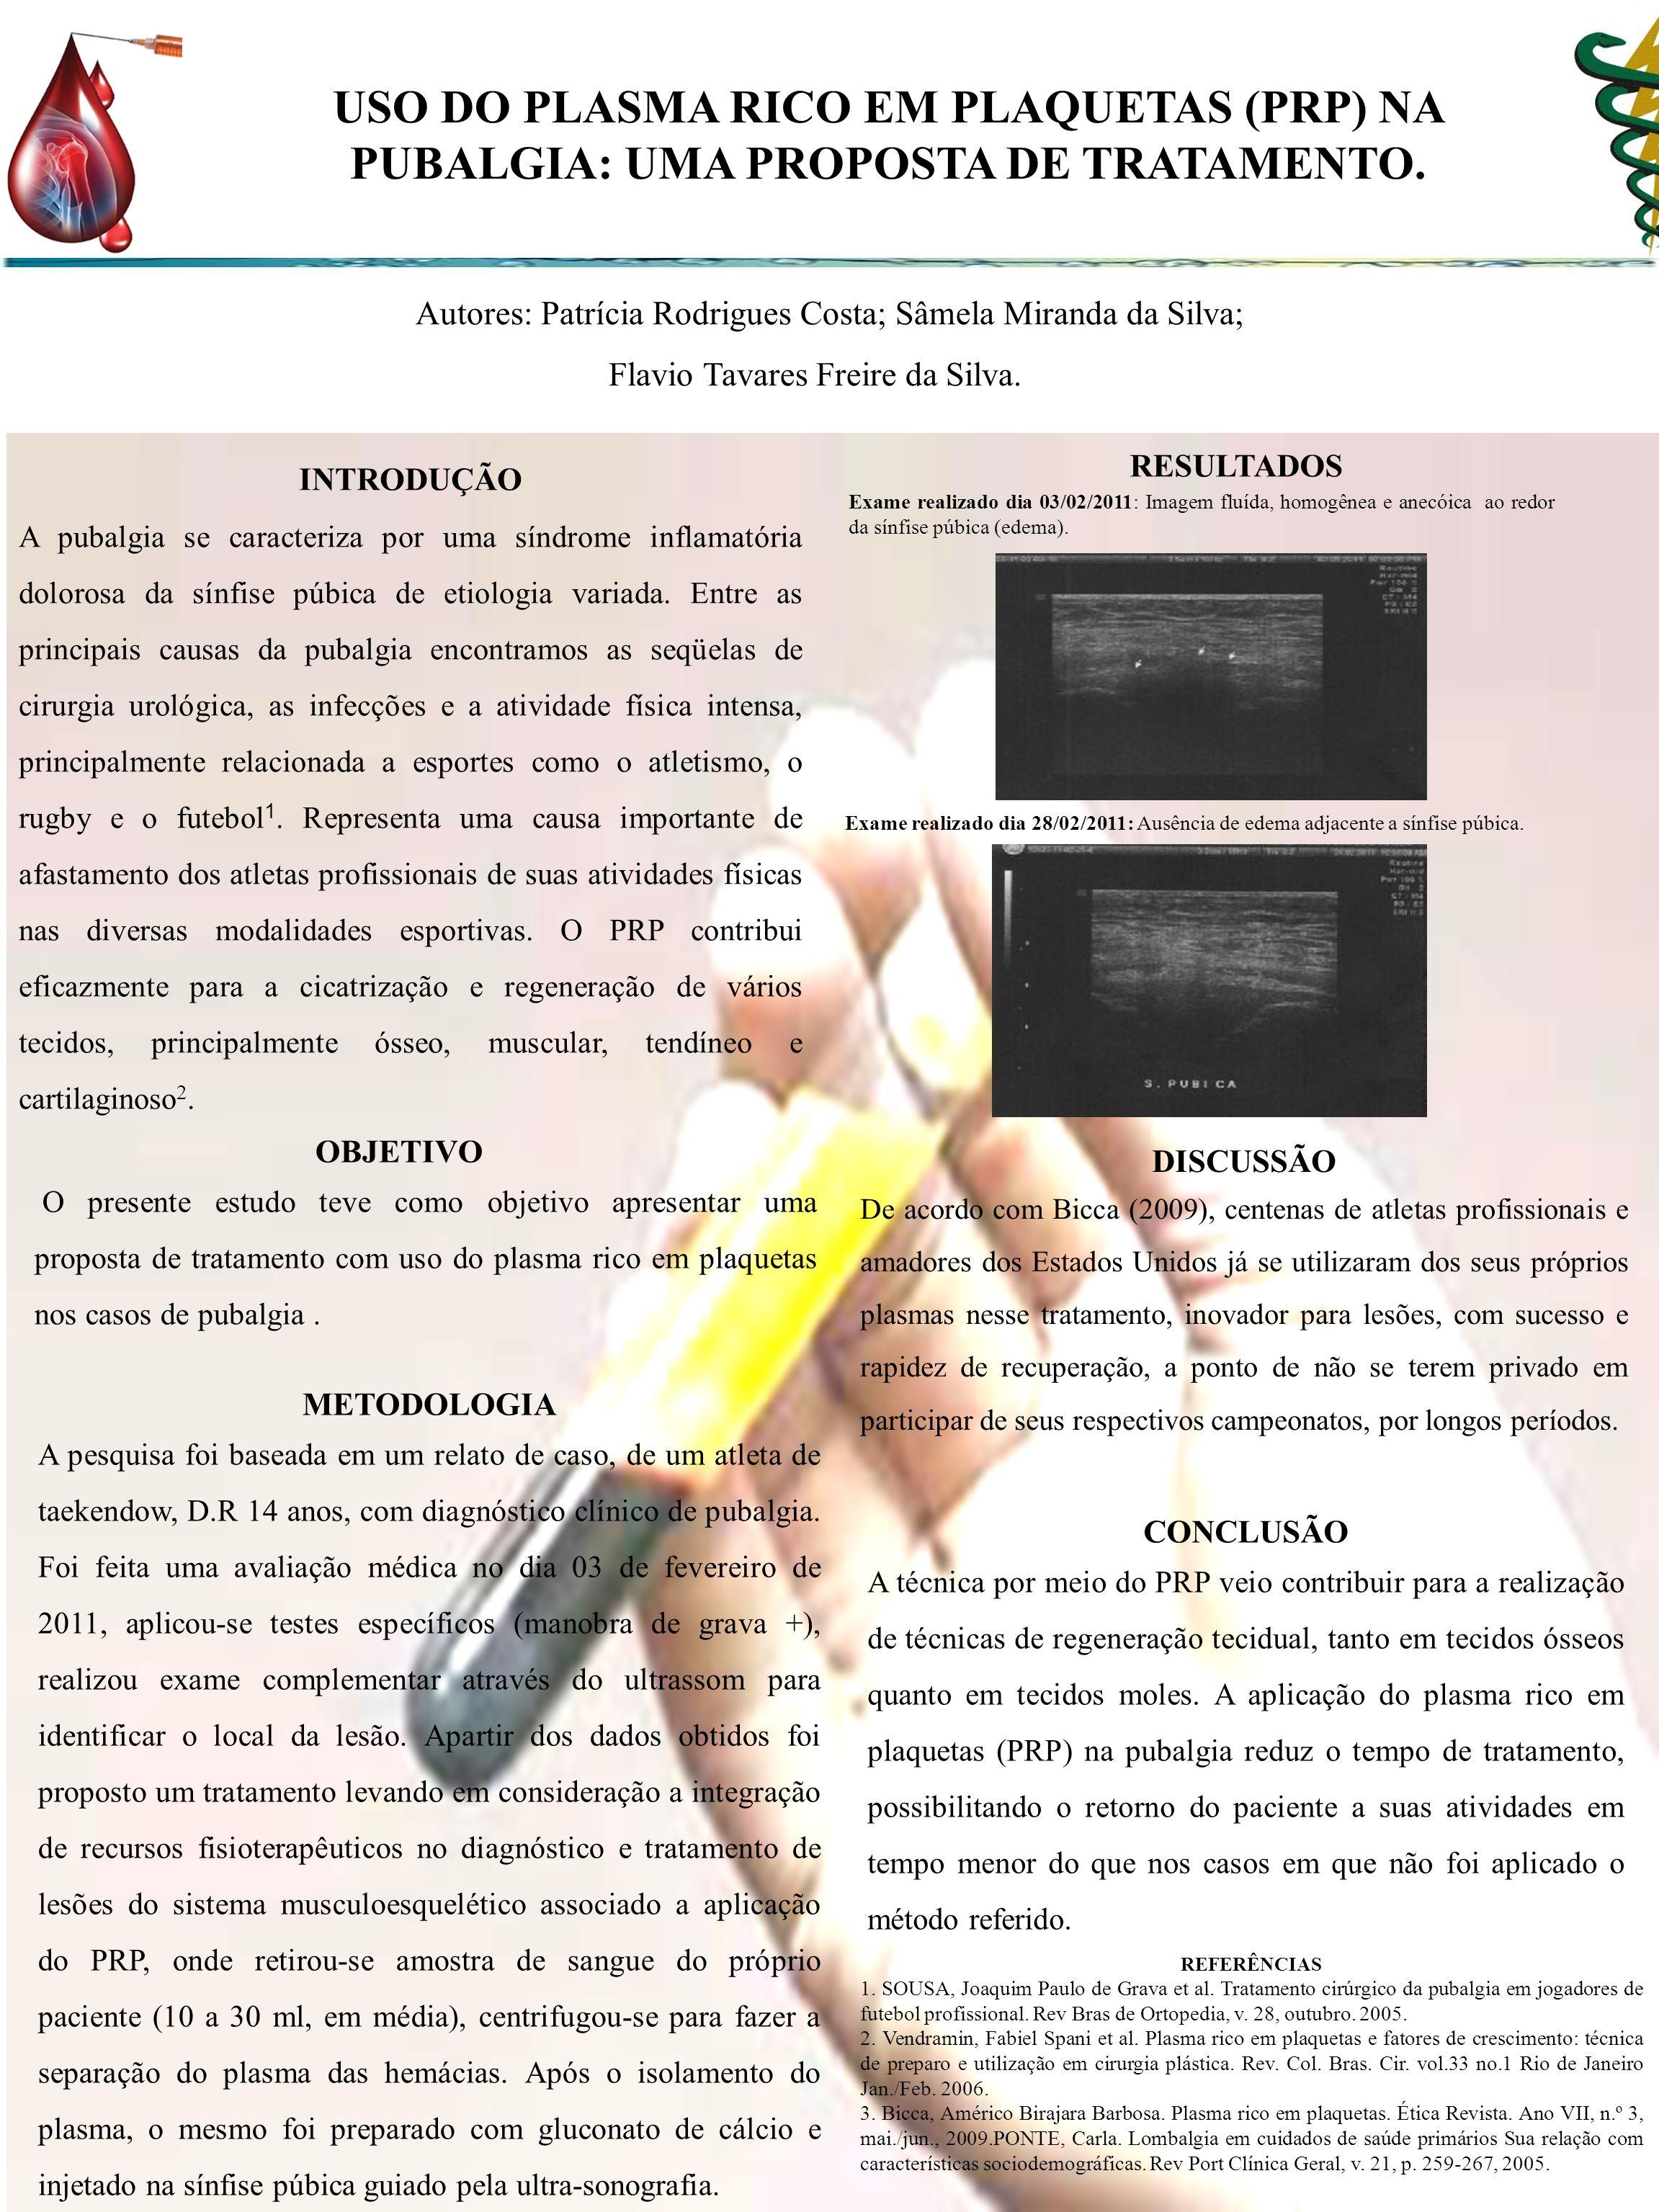 USO DO PLASMA RICO EM PLAQUETAS (PRP) NA PUBALGIA: UMA PROPOSTA DE TRATAMENTO.